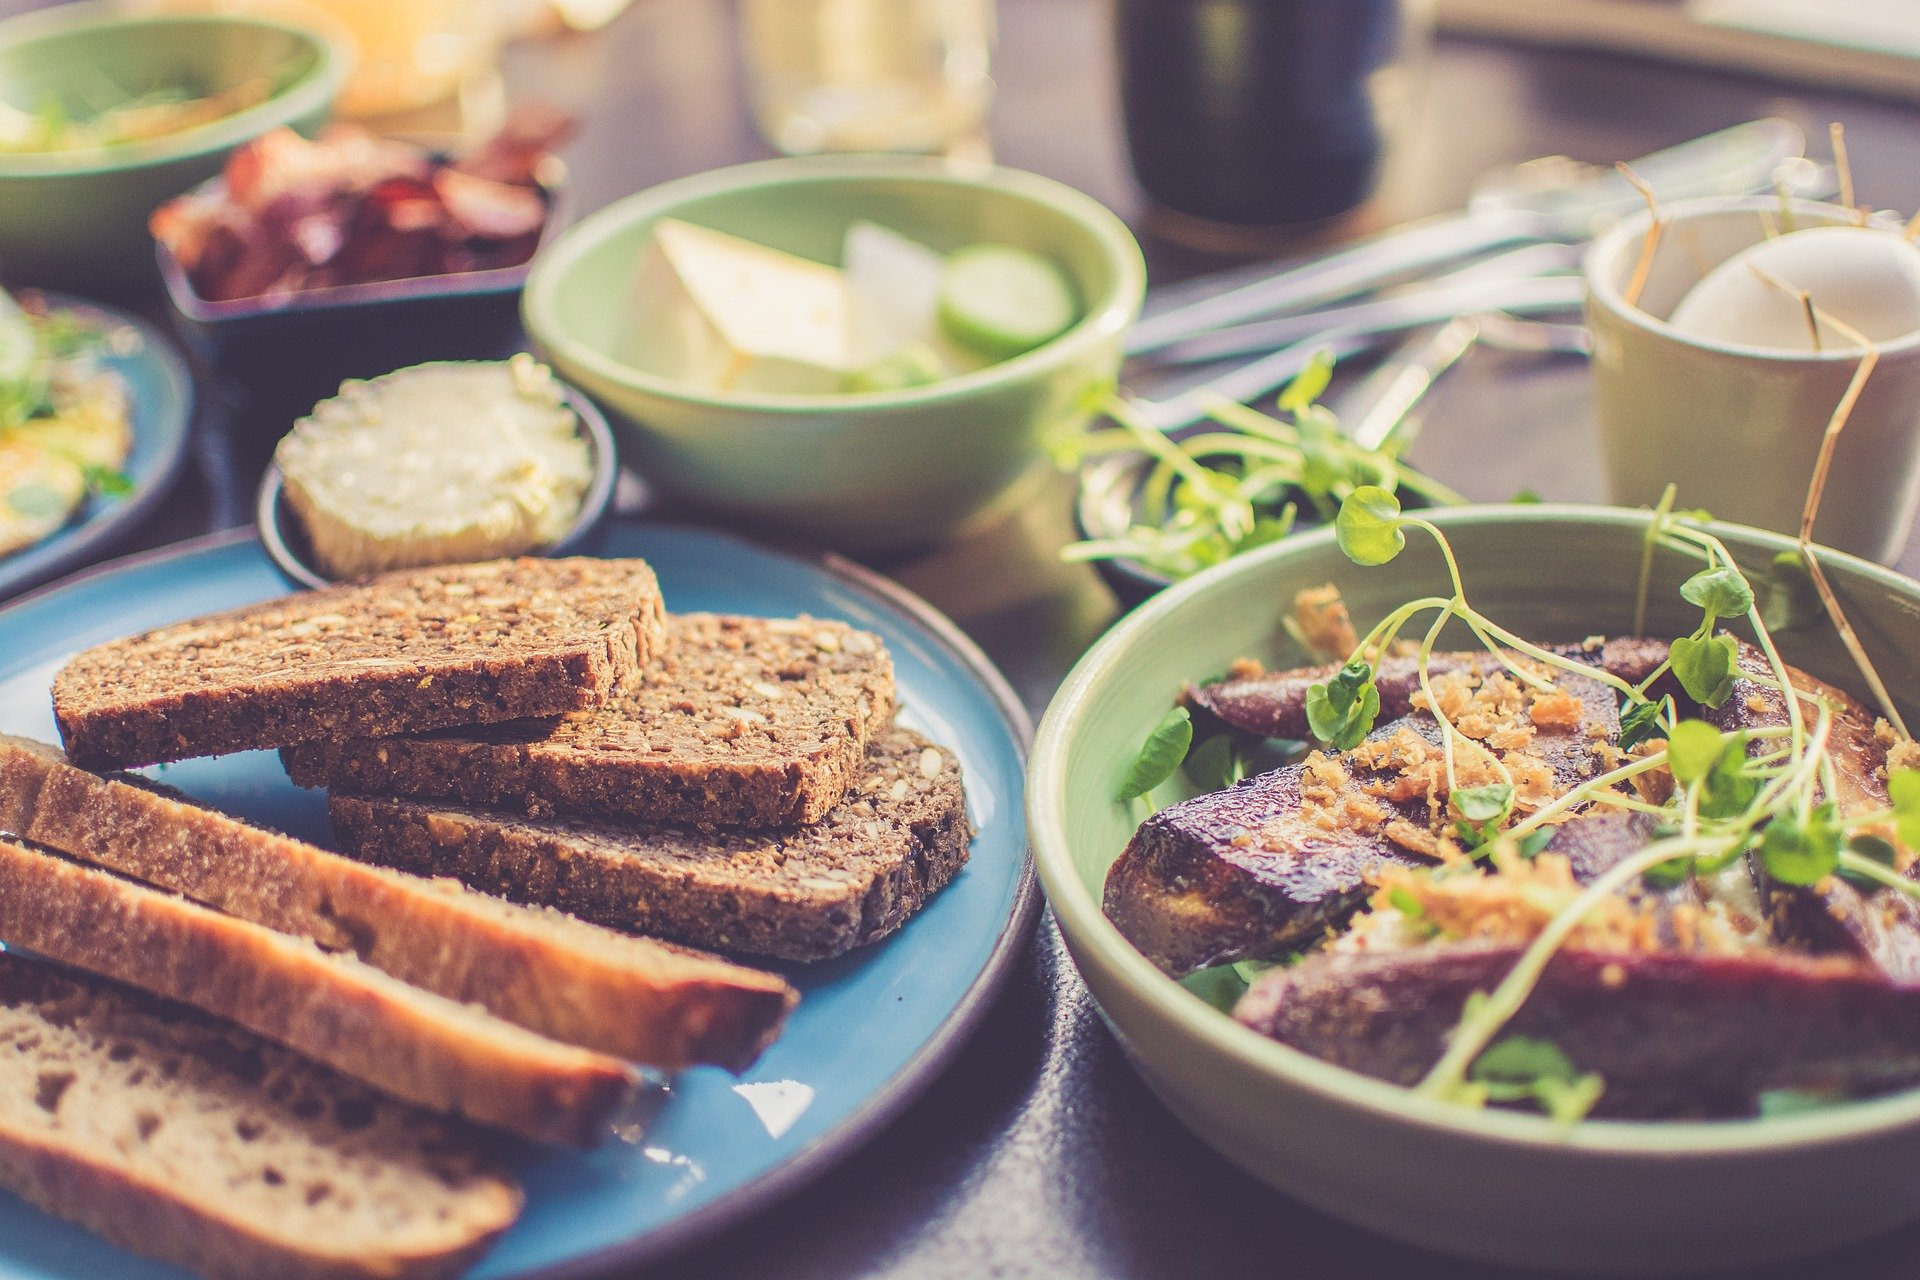 Mesa com vários pratos, incluindo pão integral e carne.